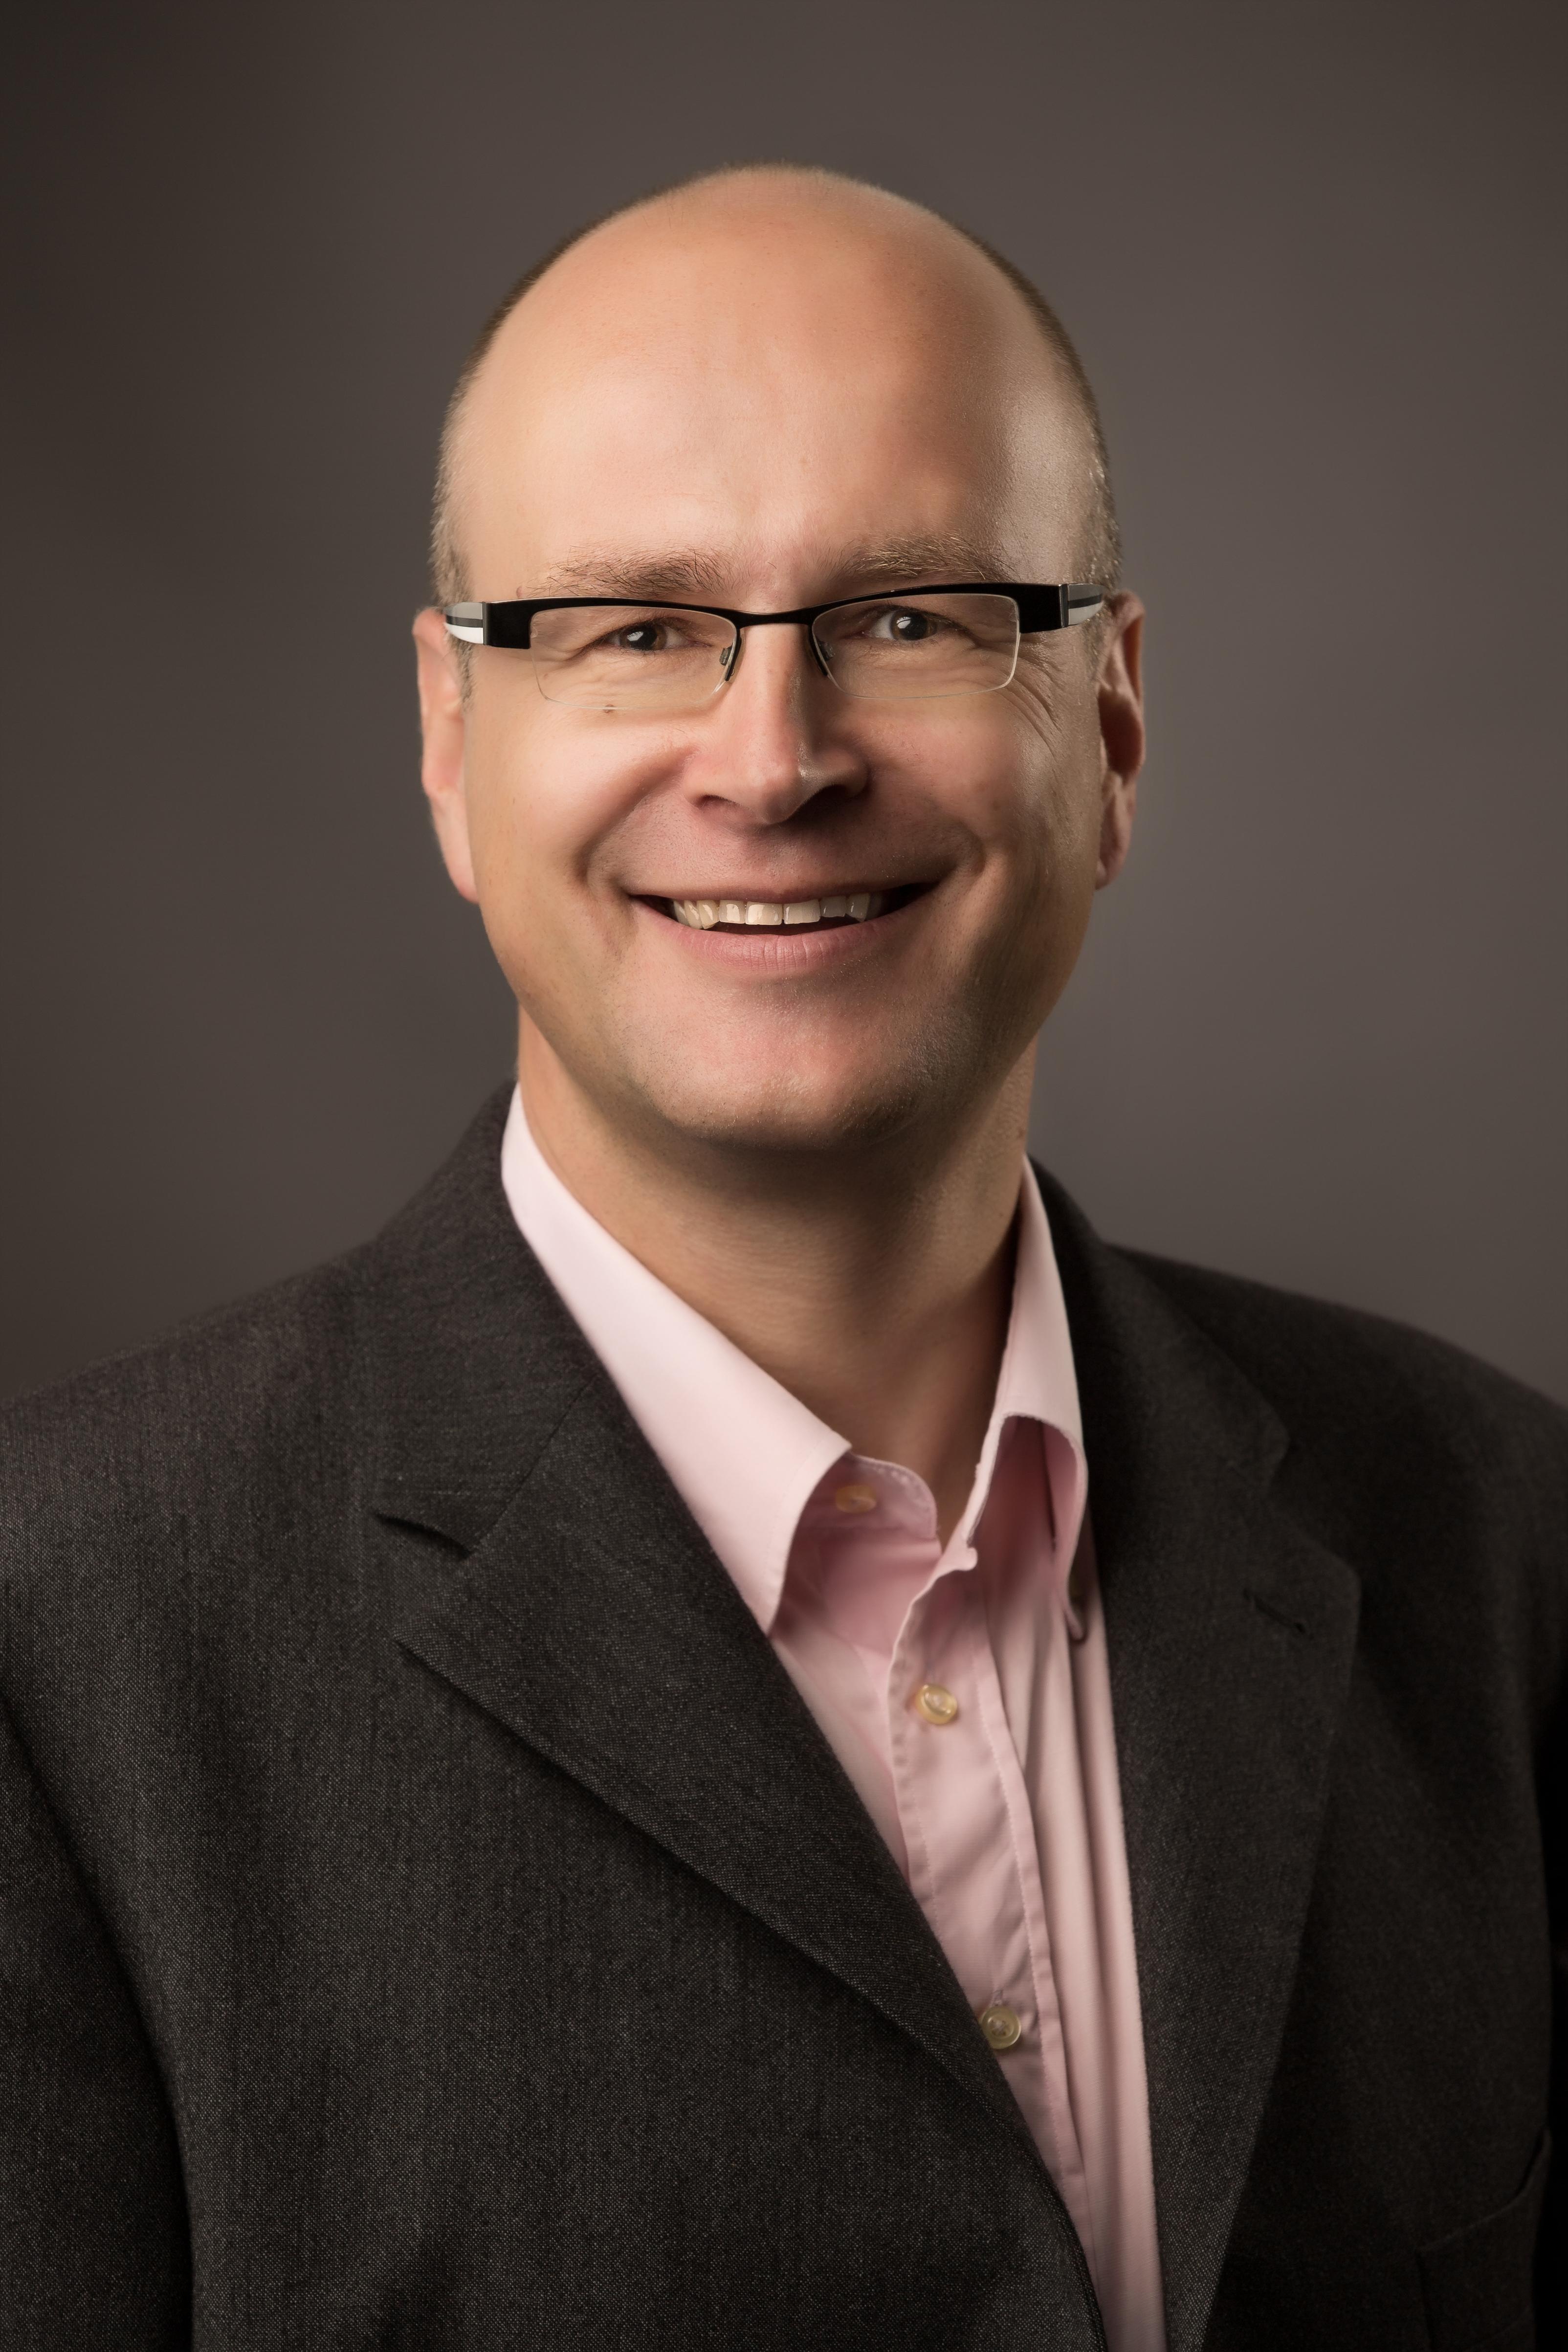 Peter Daub